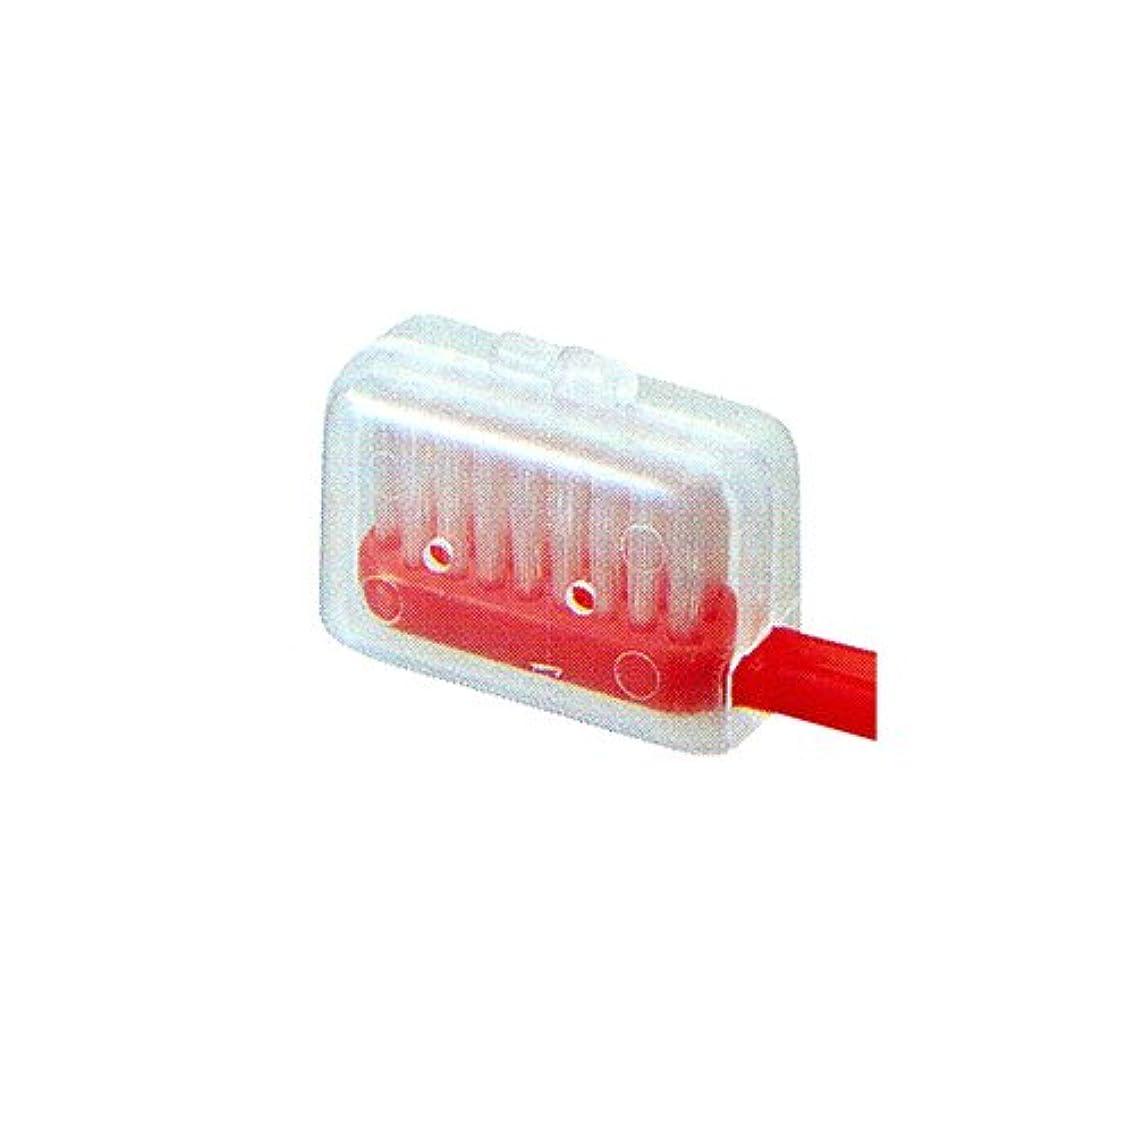 ビーブランド 歯ブラシキャップ1個 (M)